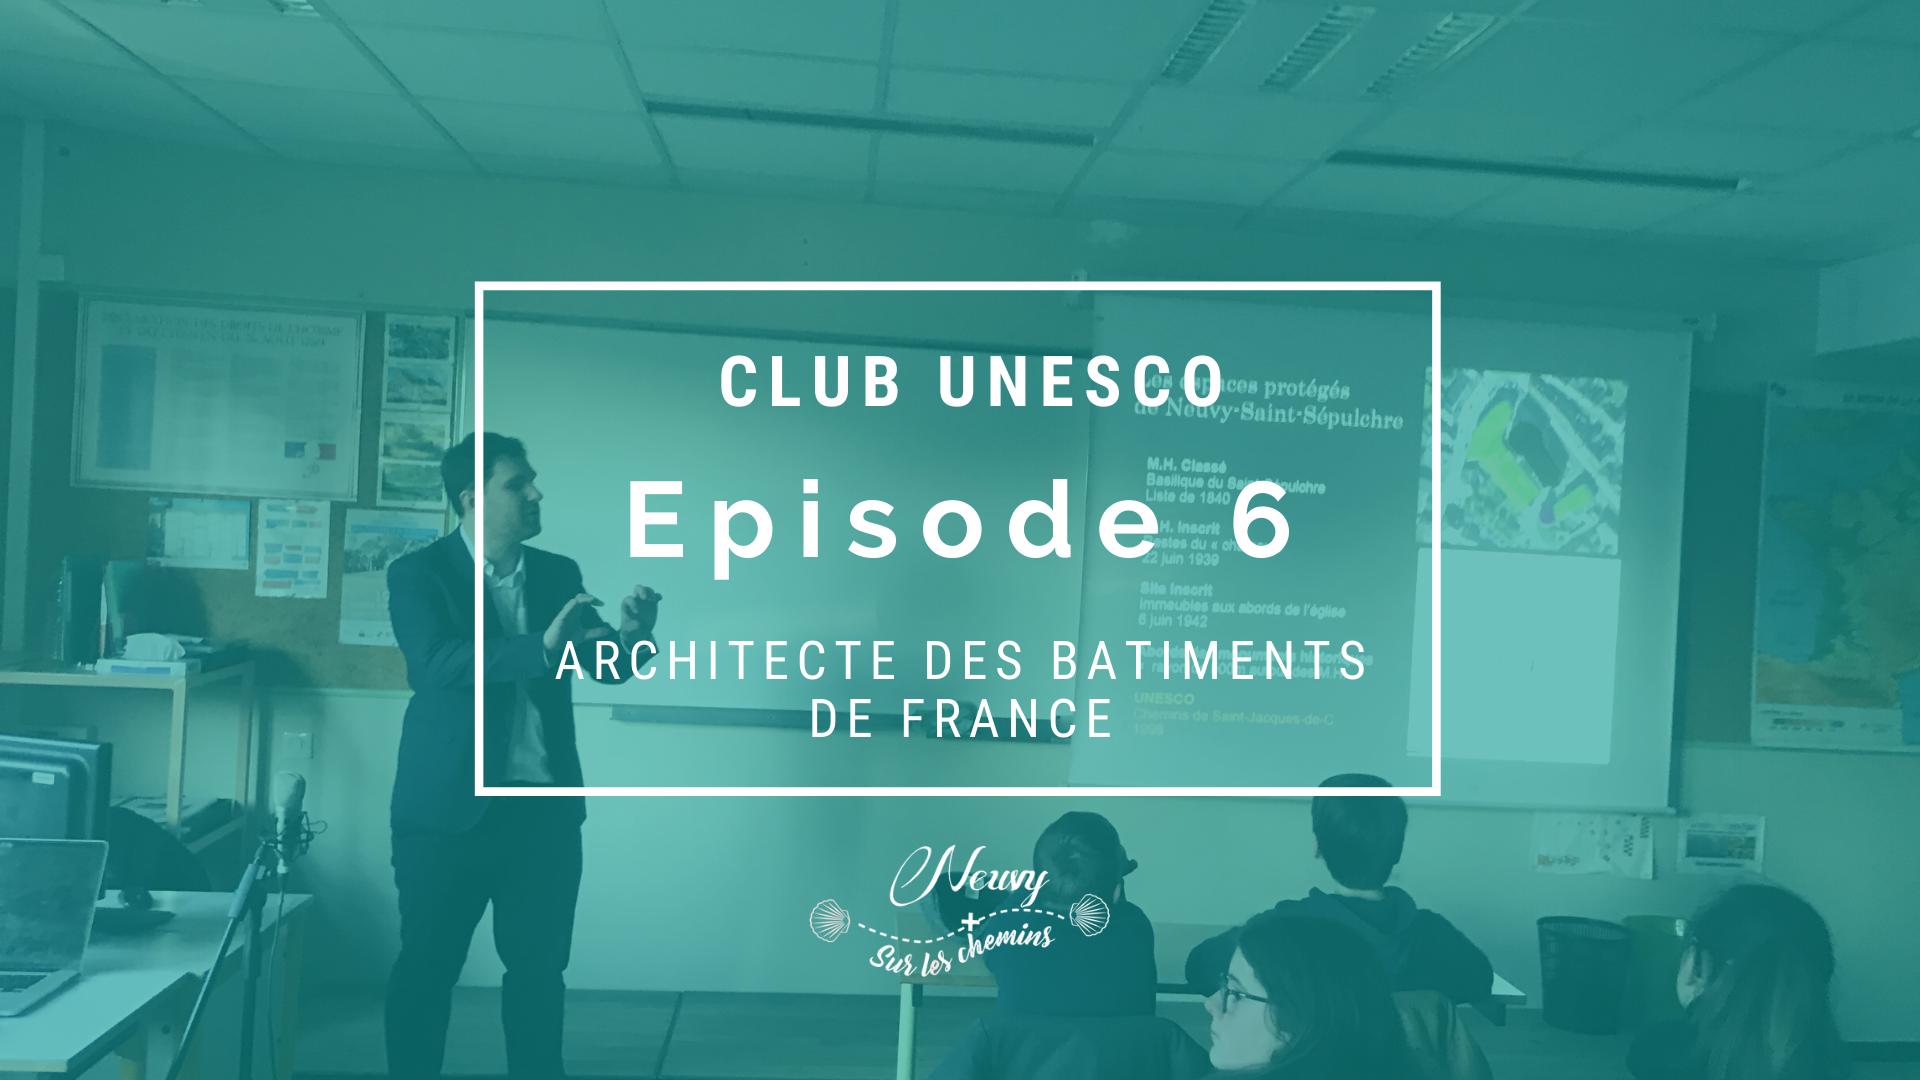 Club UNESCO : Quel est le rôle des Architectes des Bâtiments de France ?